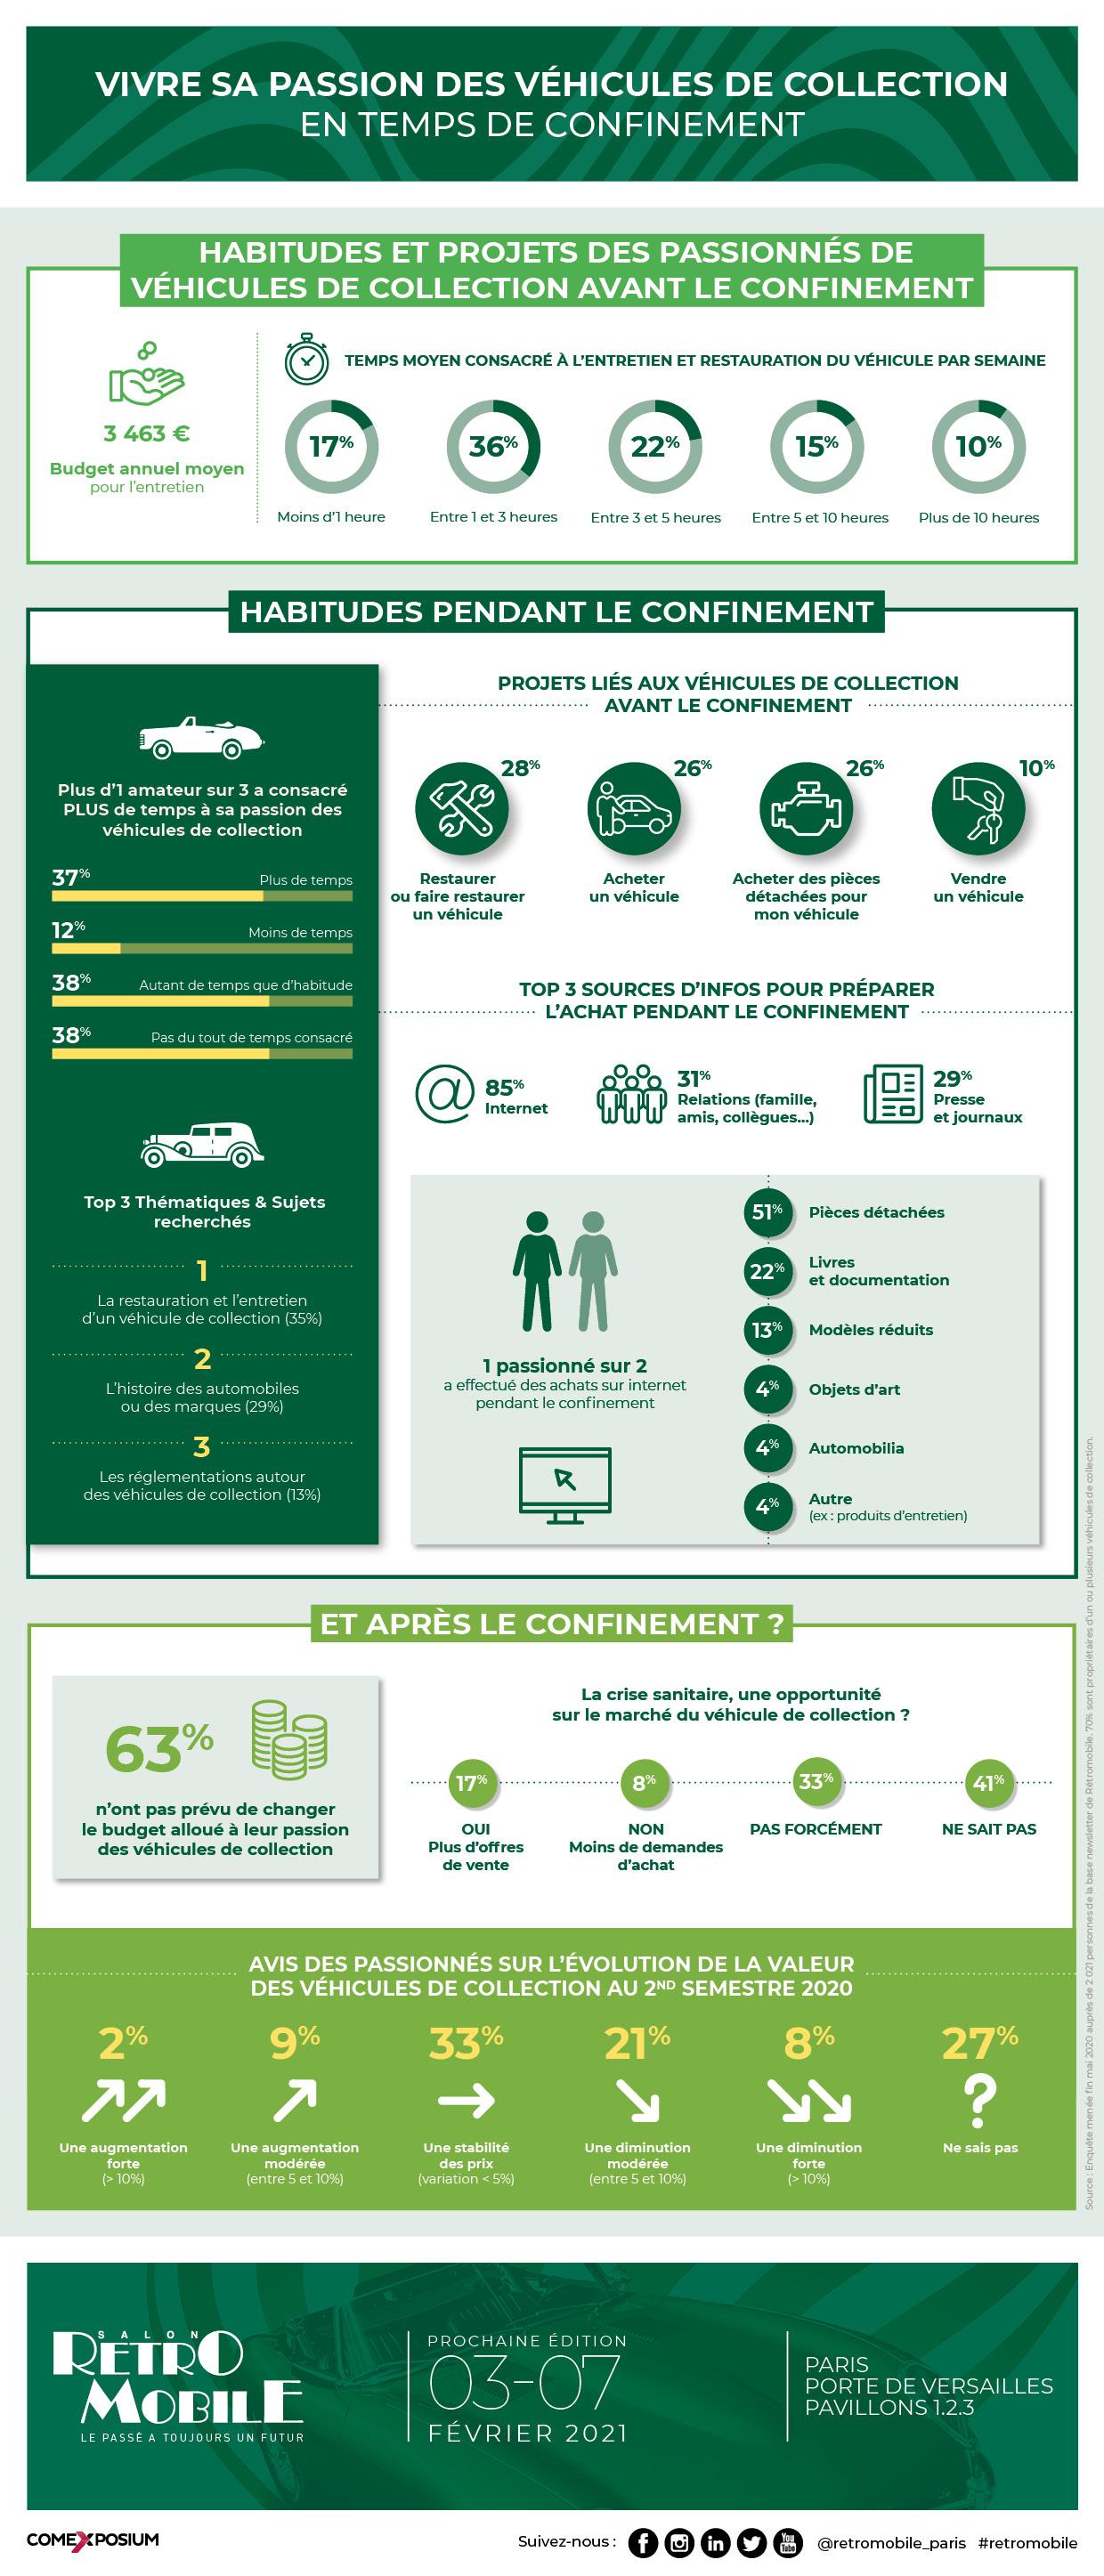 Retromobile - Infographie confinement